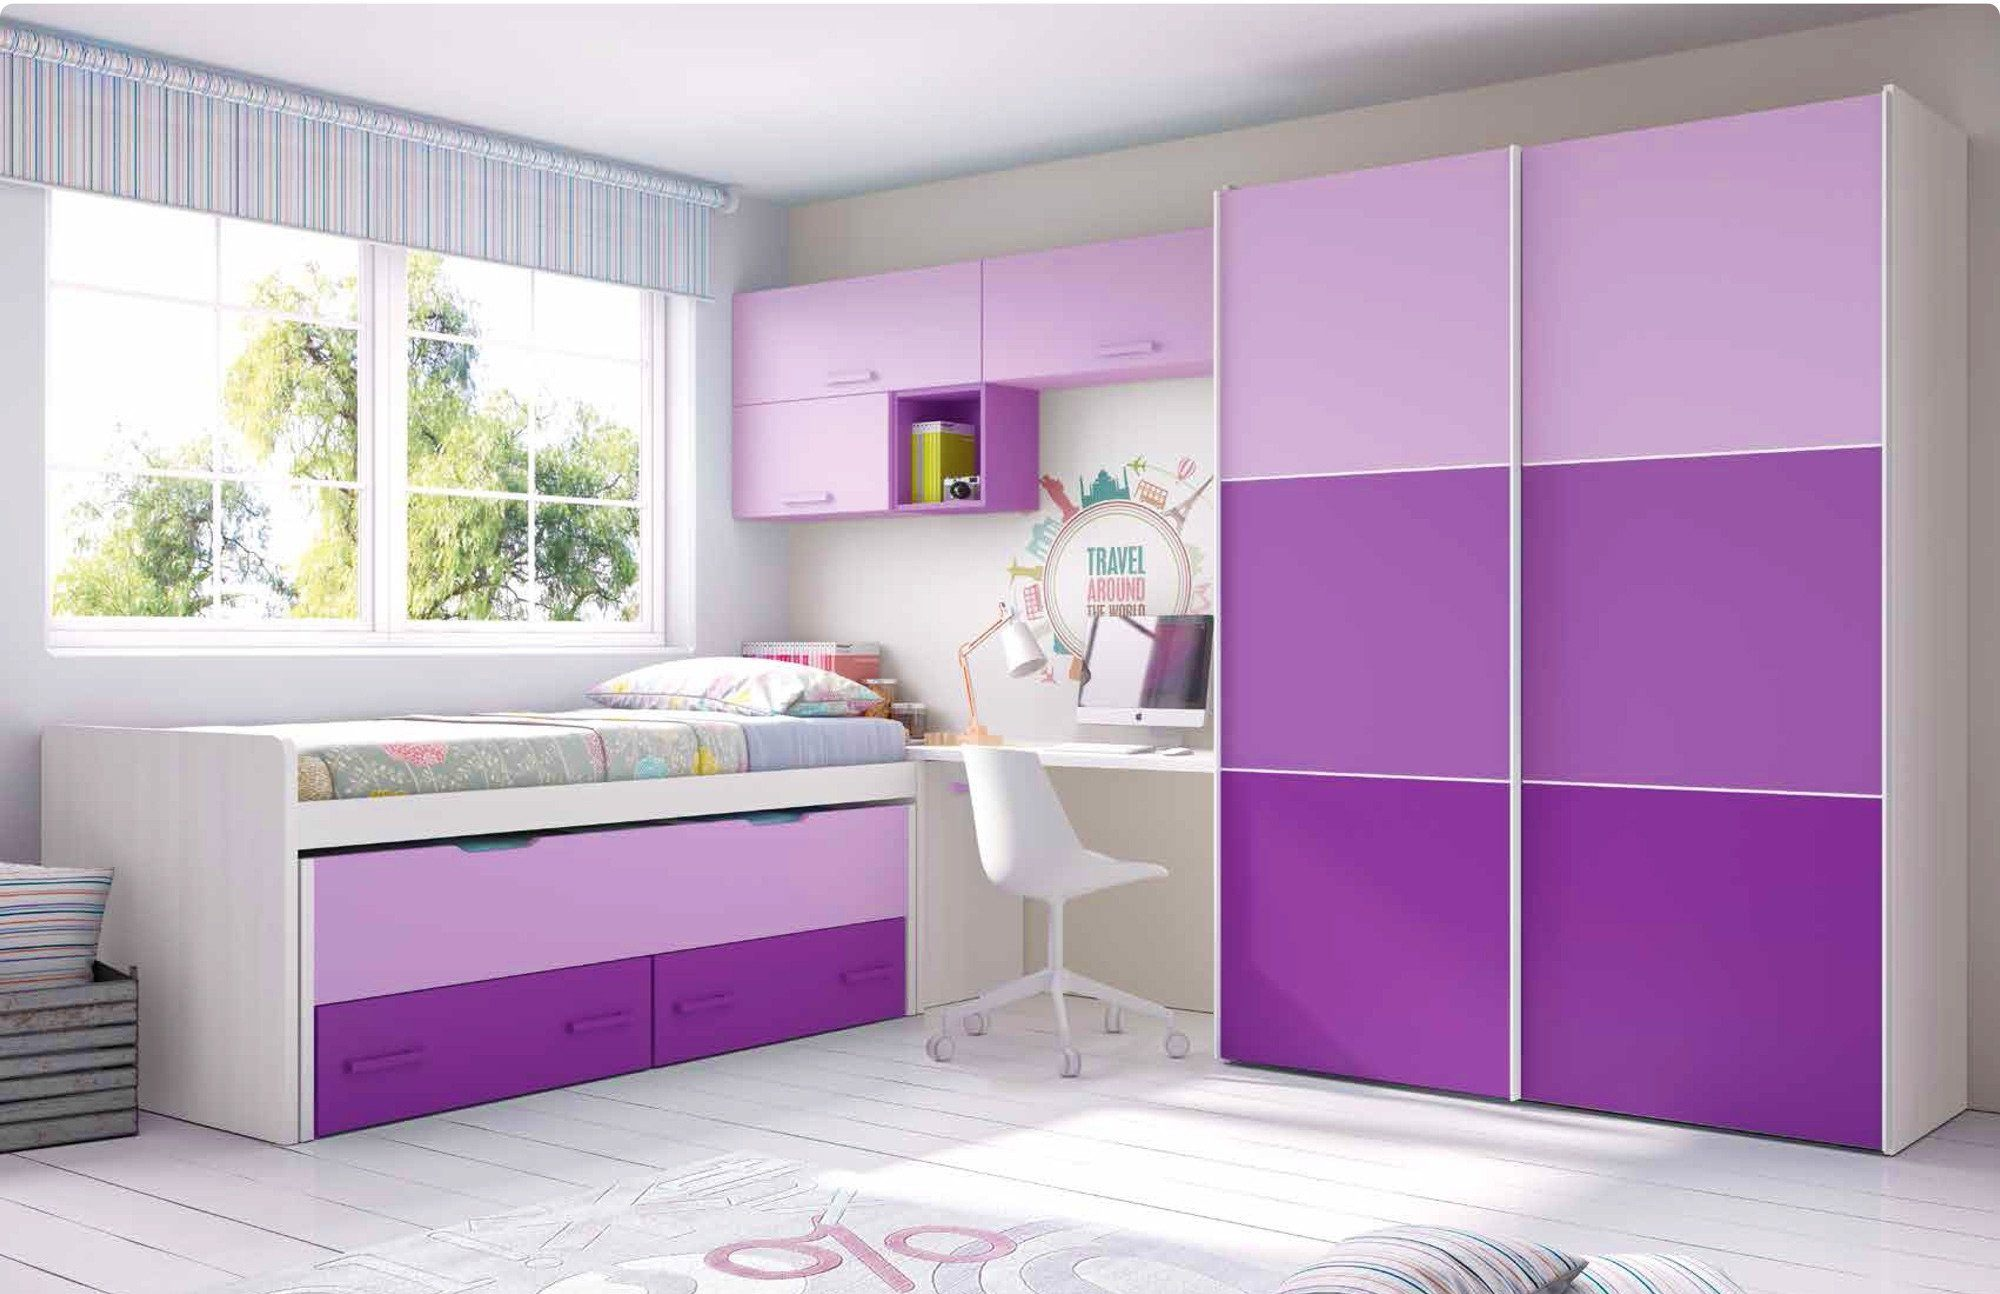 Lit Mezzanine 2 Personnes Frais Divin Chambre Ado Mezzanine Et Lit Mezzanine Design Lit Mezzanine